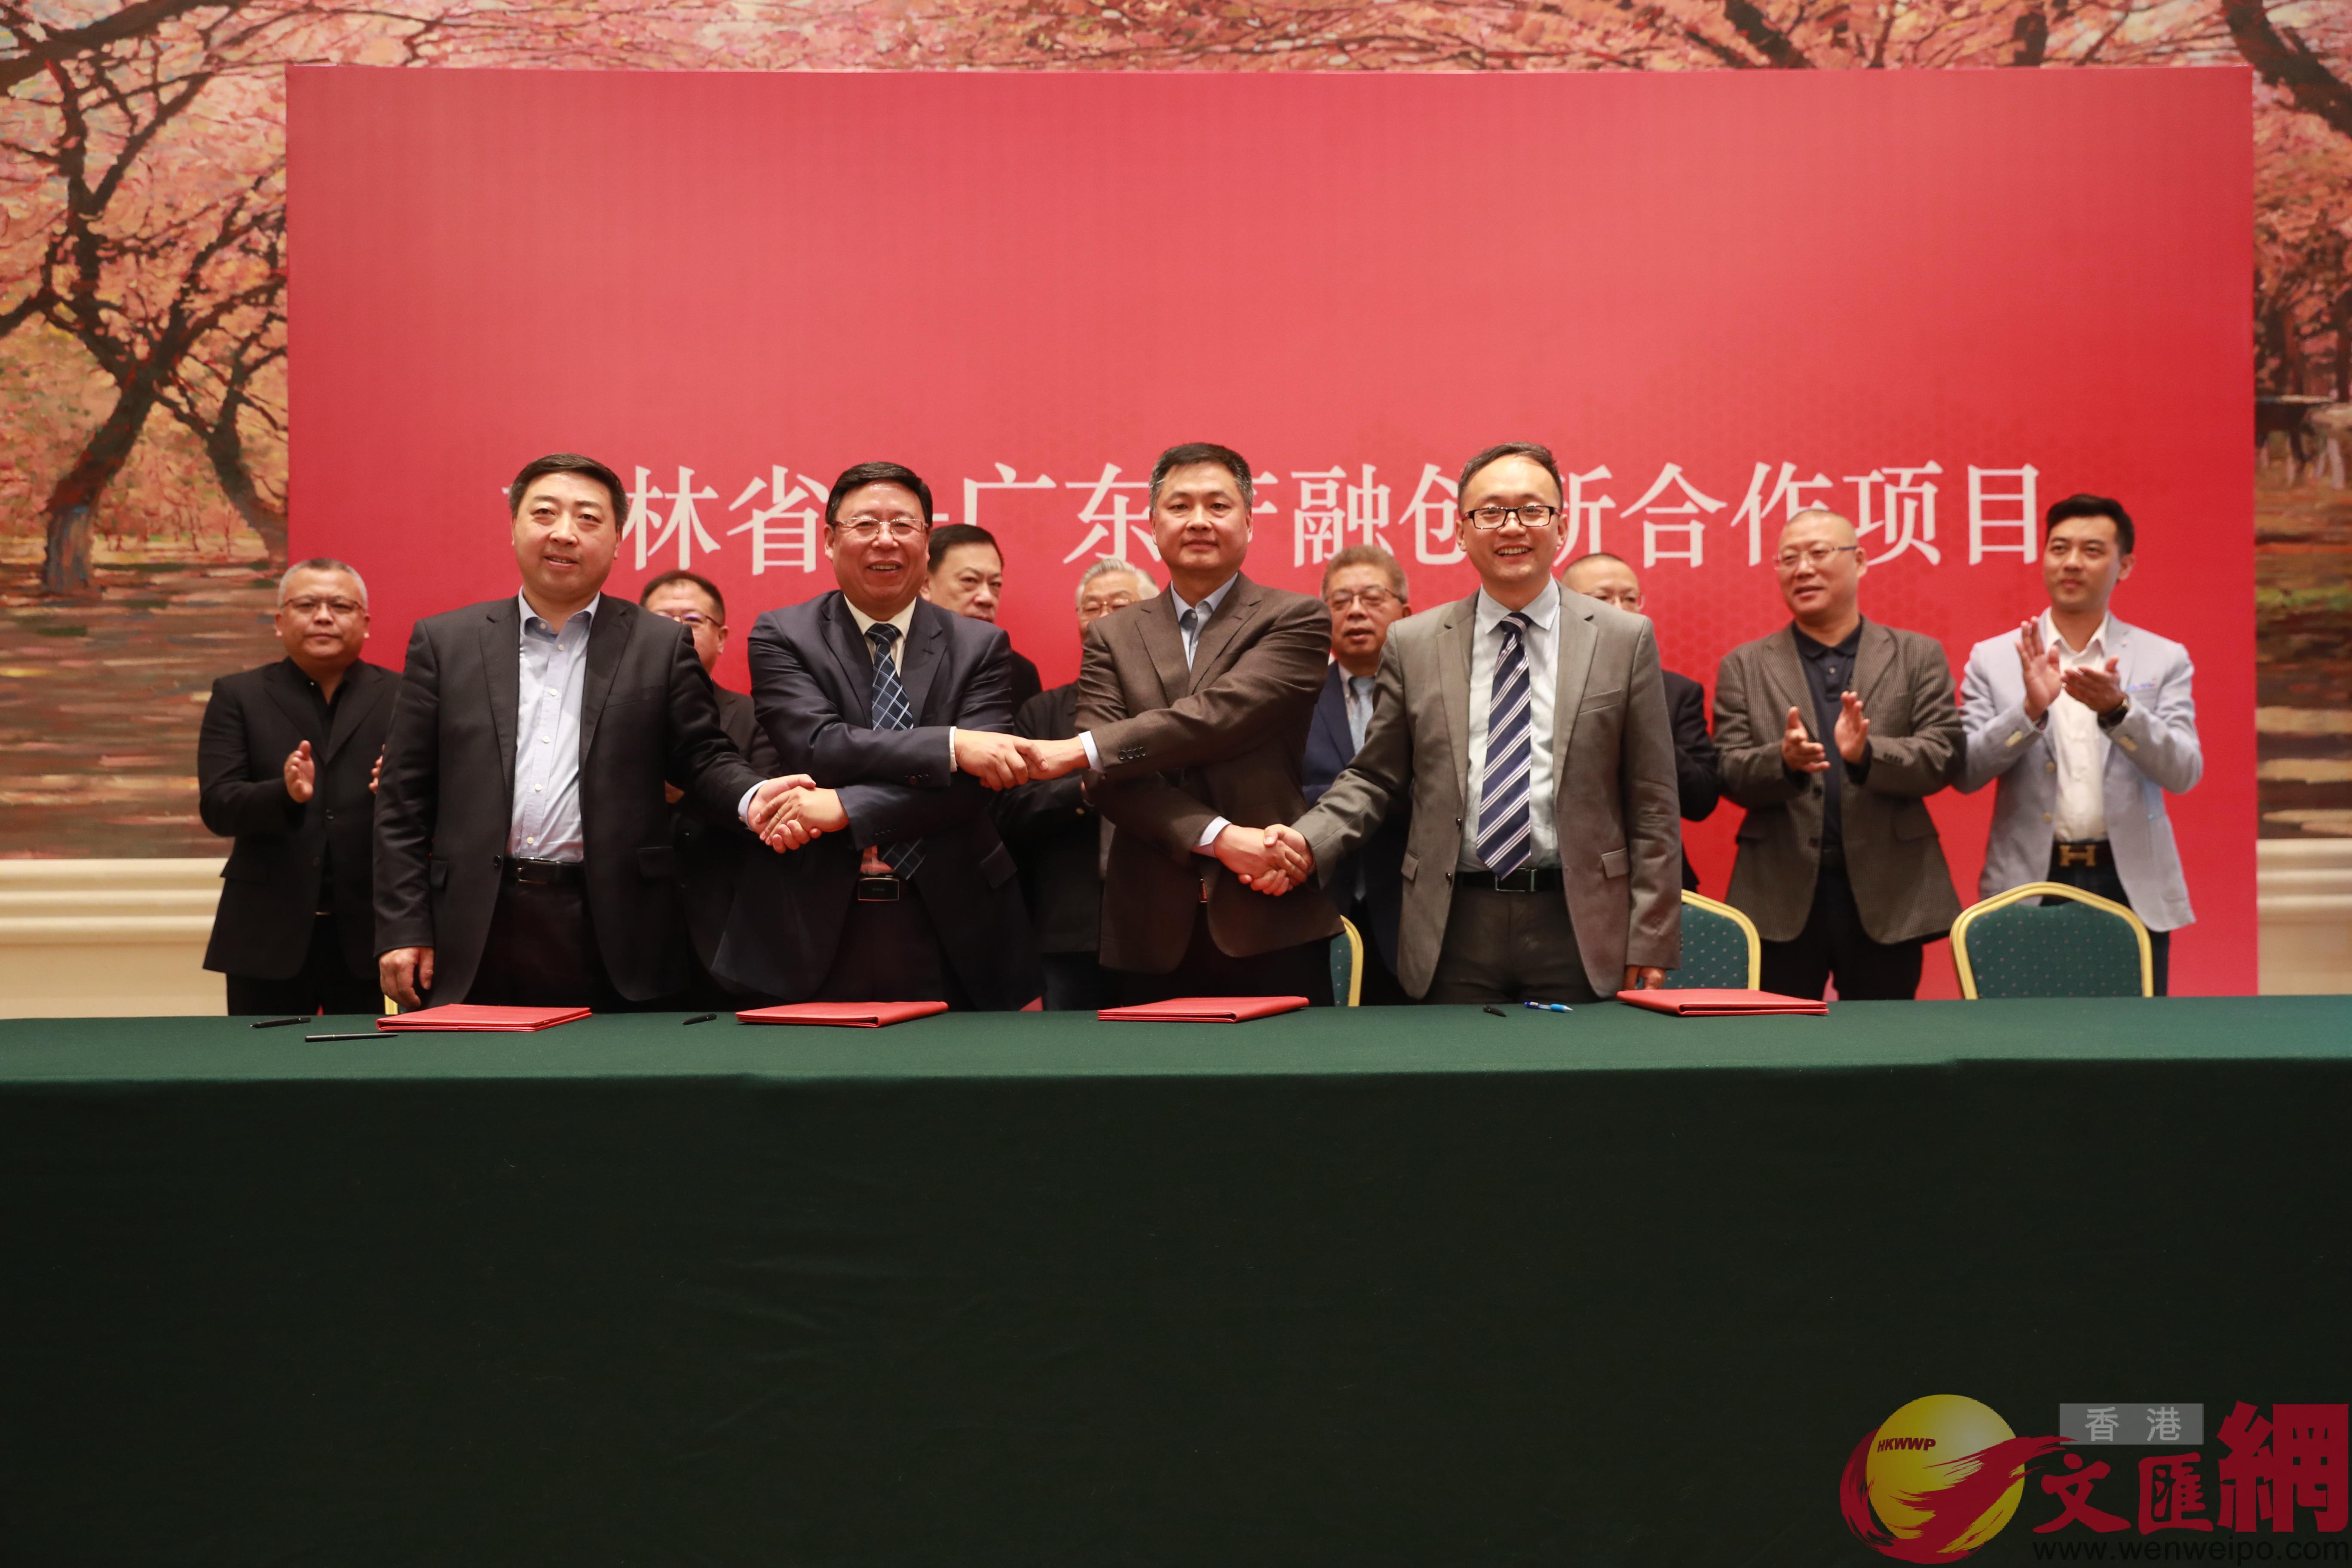 南北「攜手」粵港澳大灣區企業助力東北振興